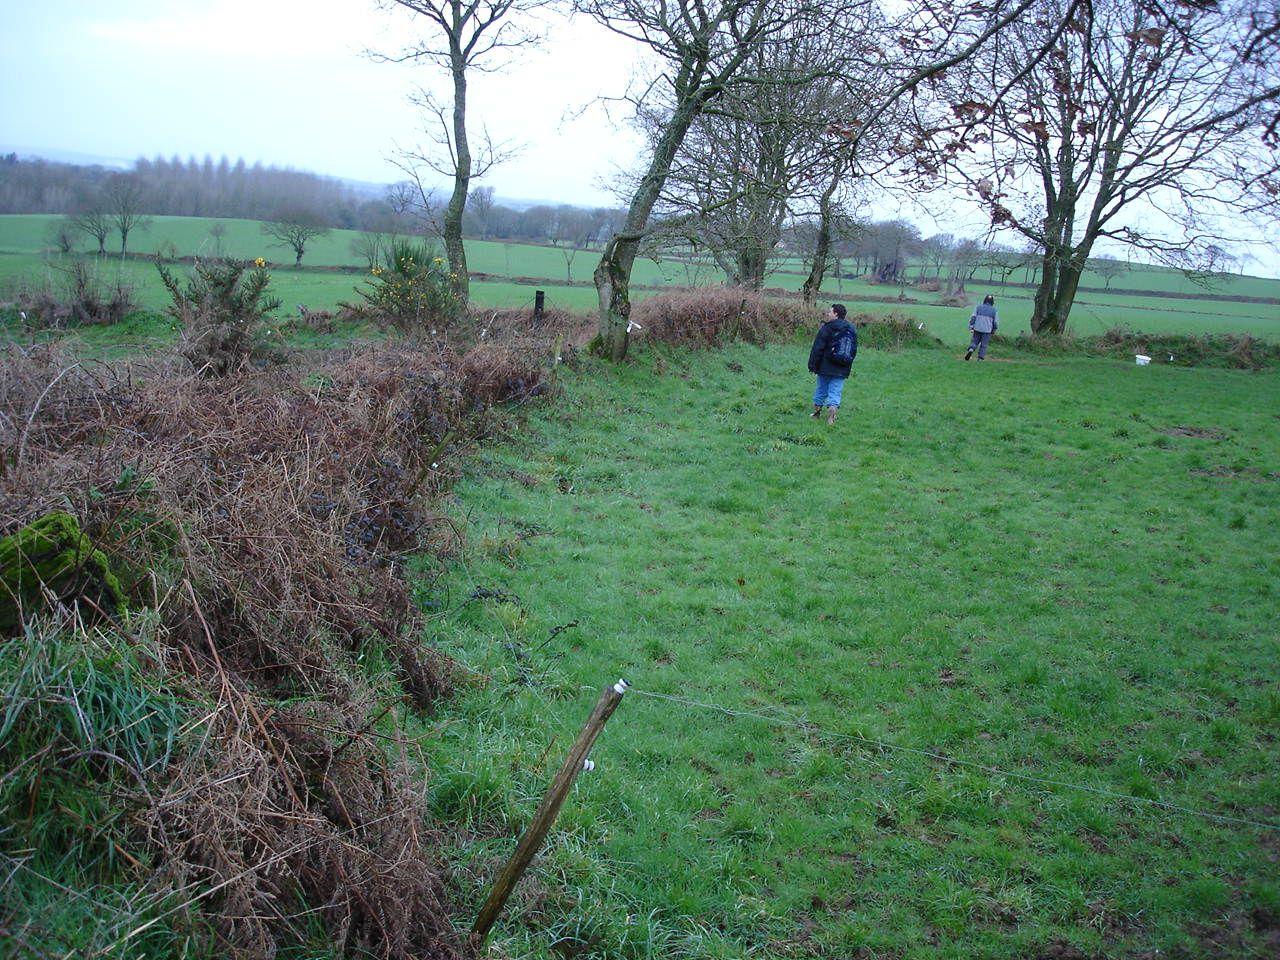 Prospection pédestre à Corlay sur l'enceinte de Kerguiel très arasée. Cliché A. Provost